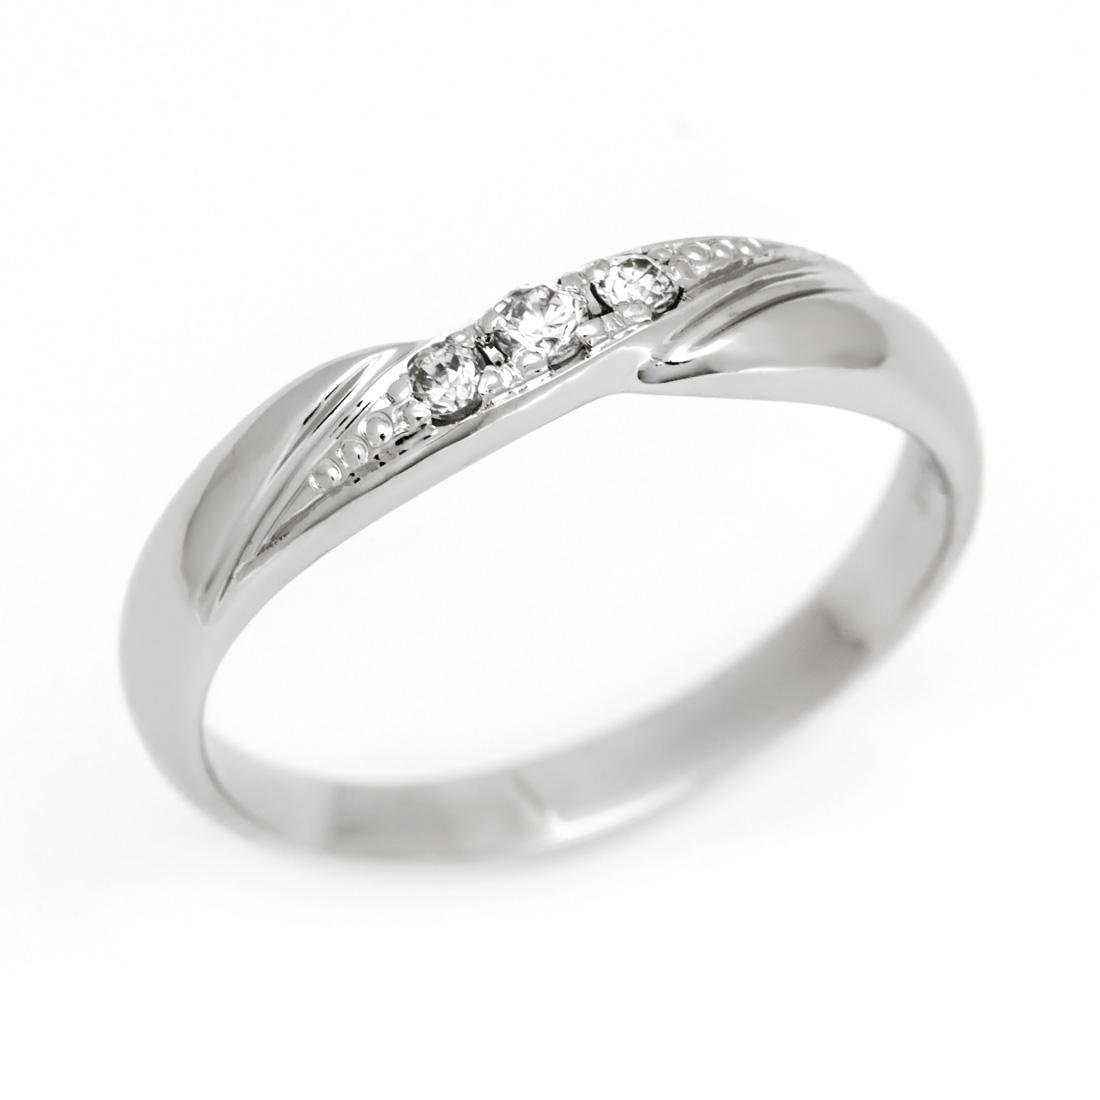 マリッジリング ダイヤモンド 「Lip」 プラチナ900 (レディース:1~20号)